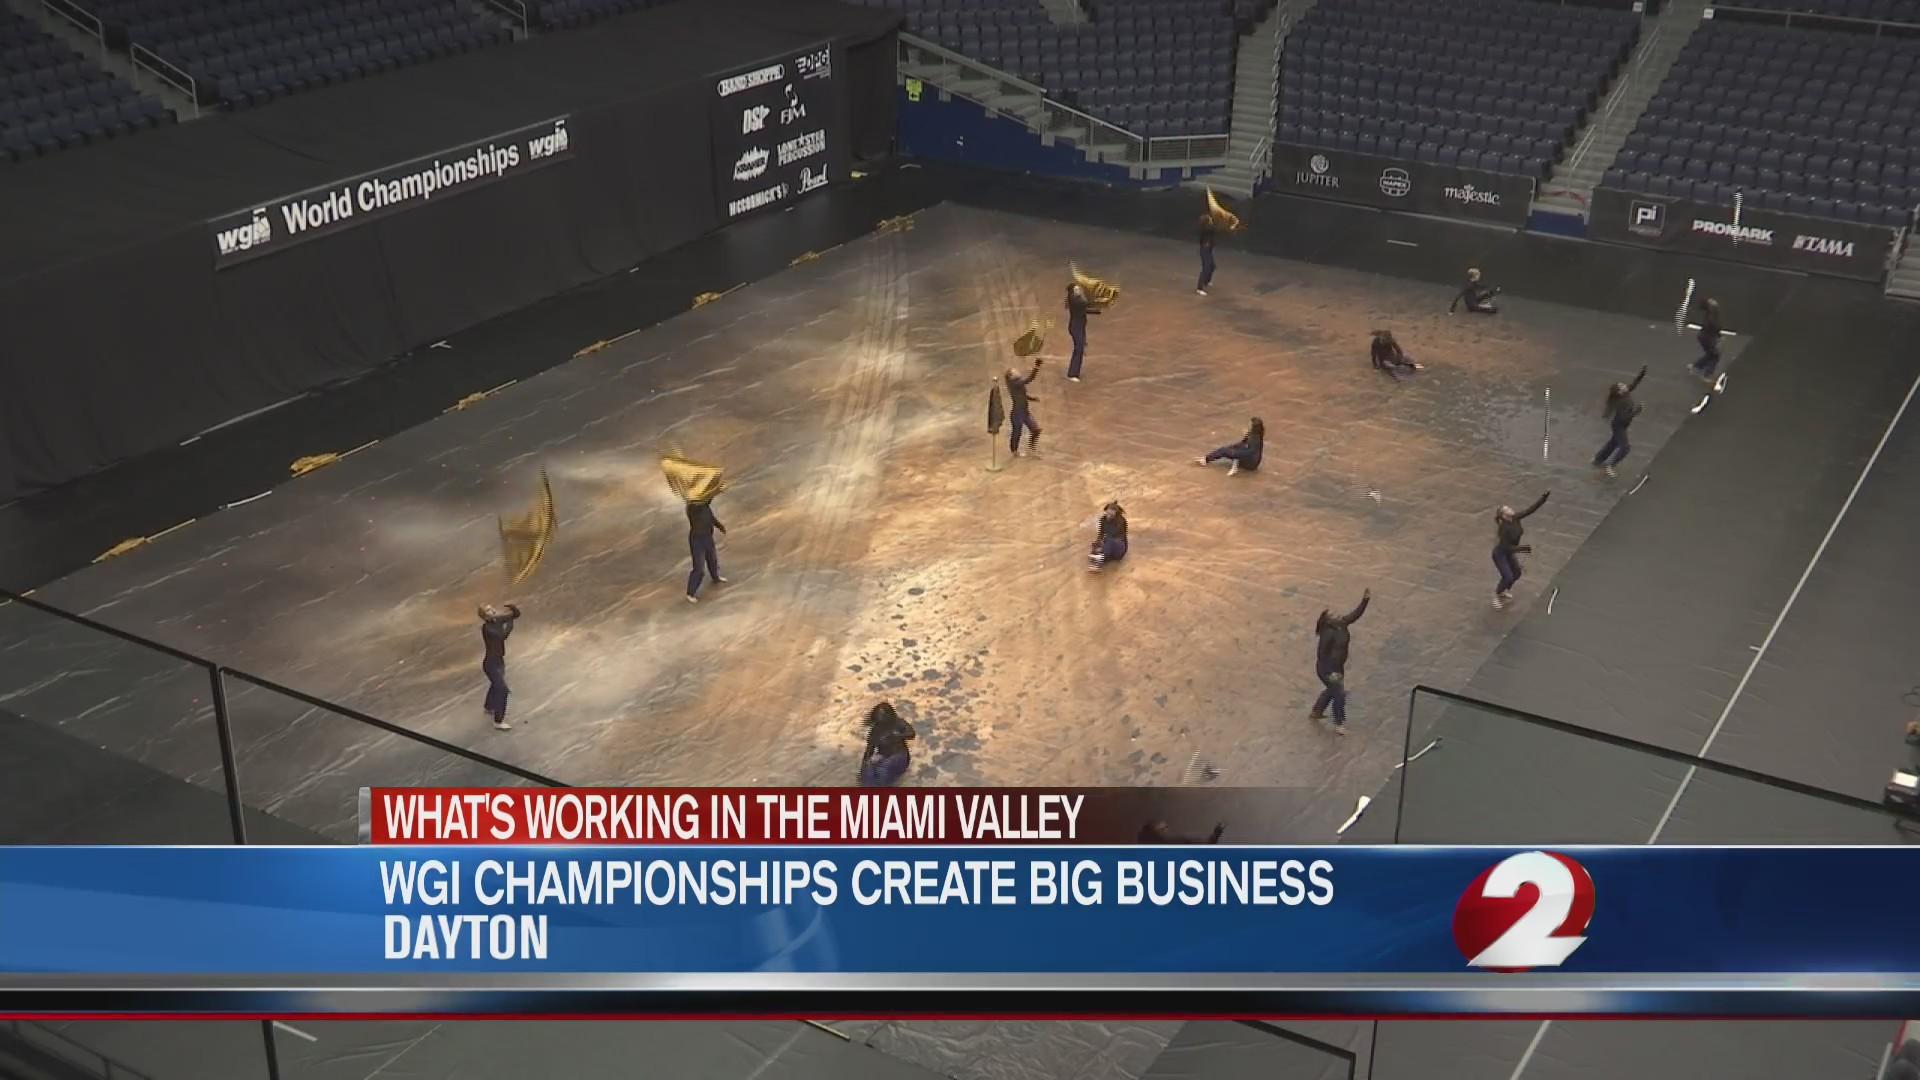 WGI championships create big business